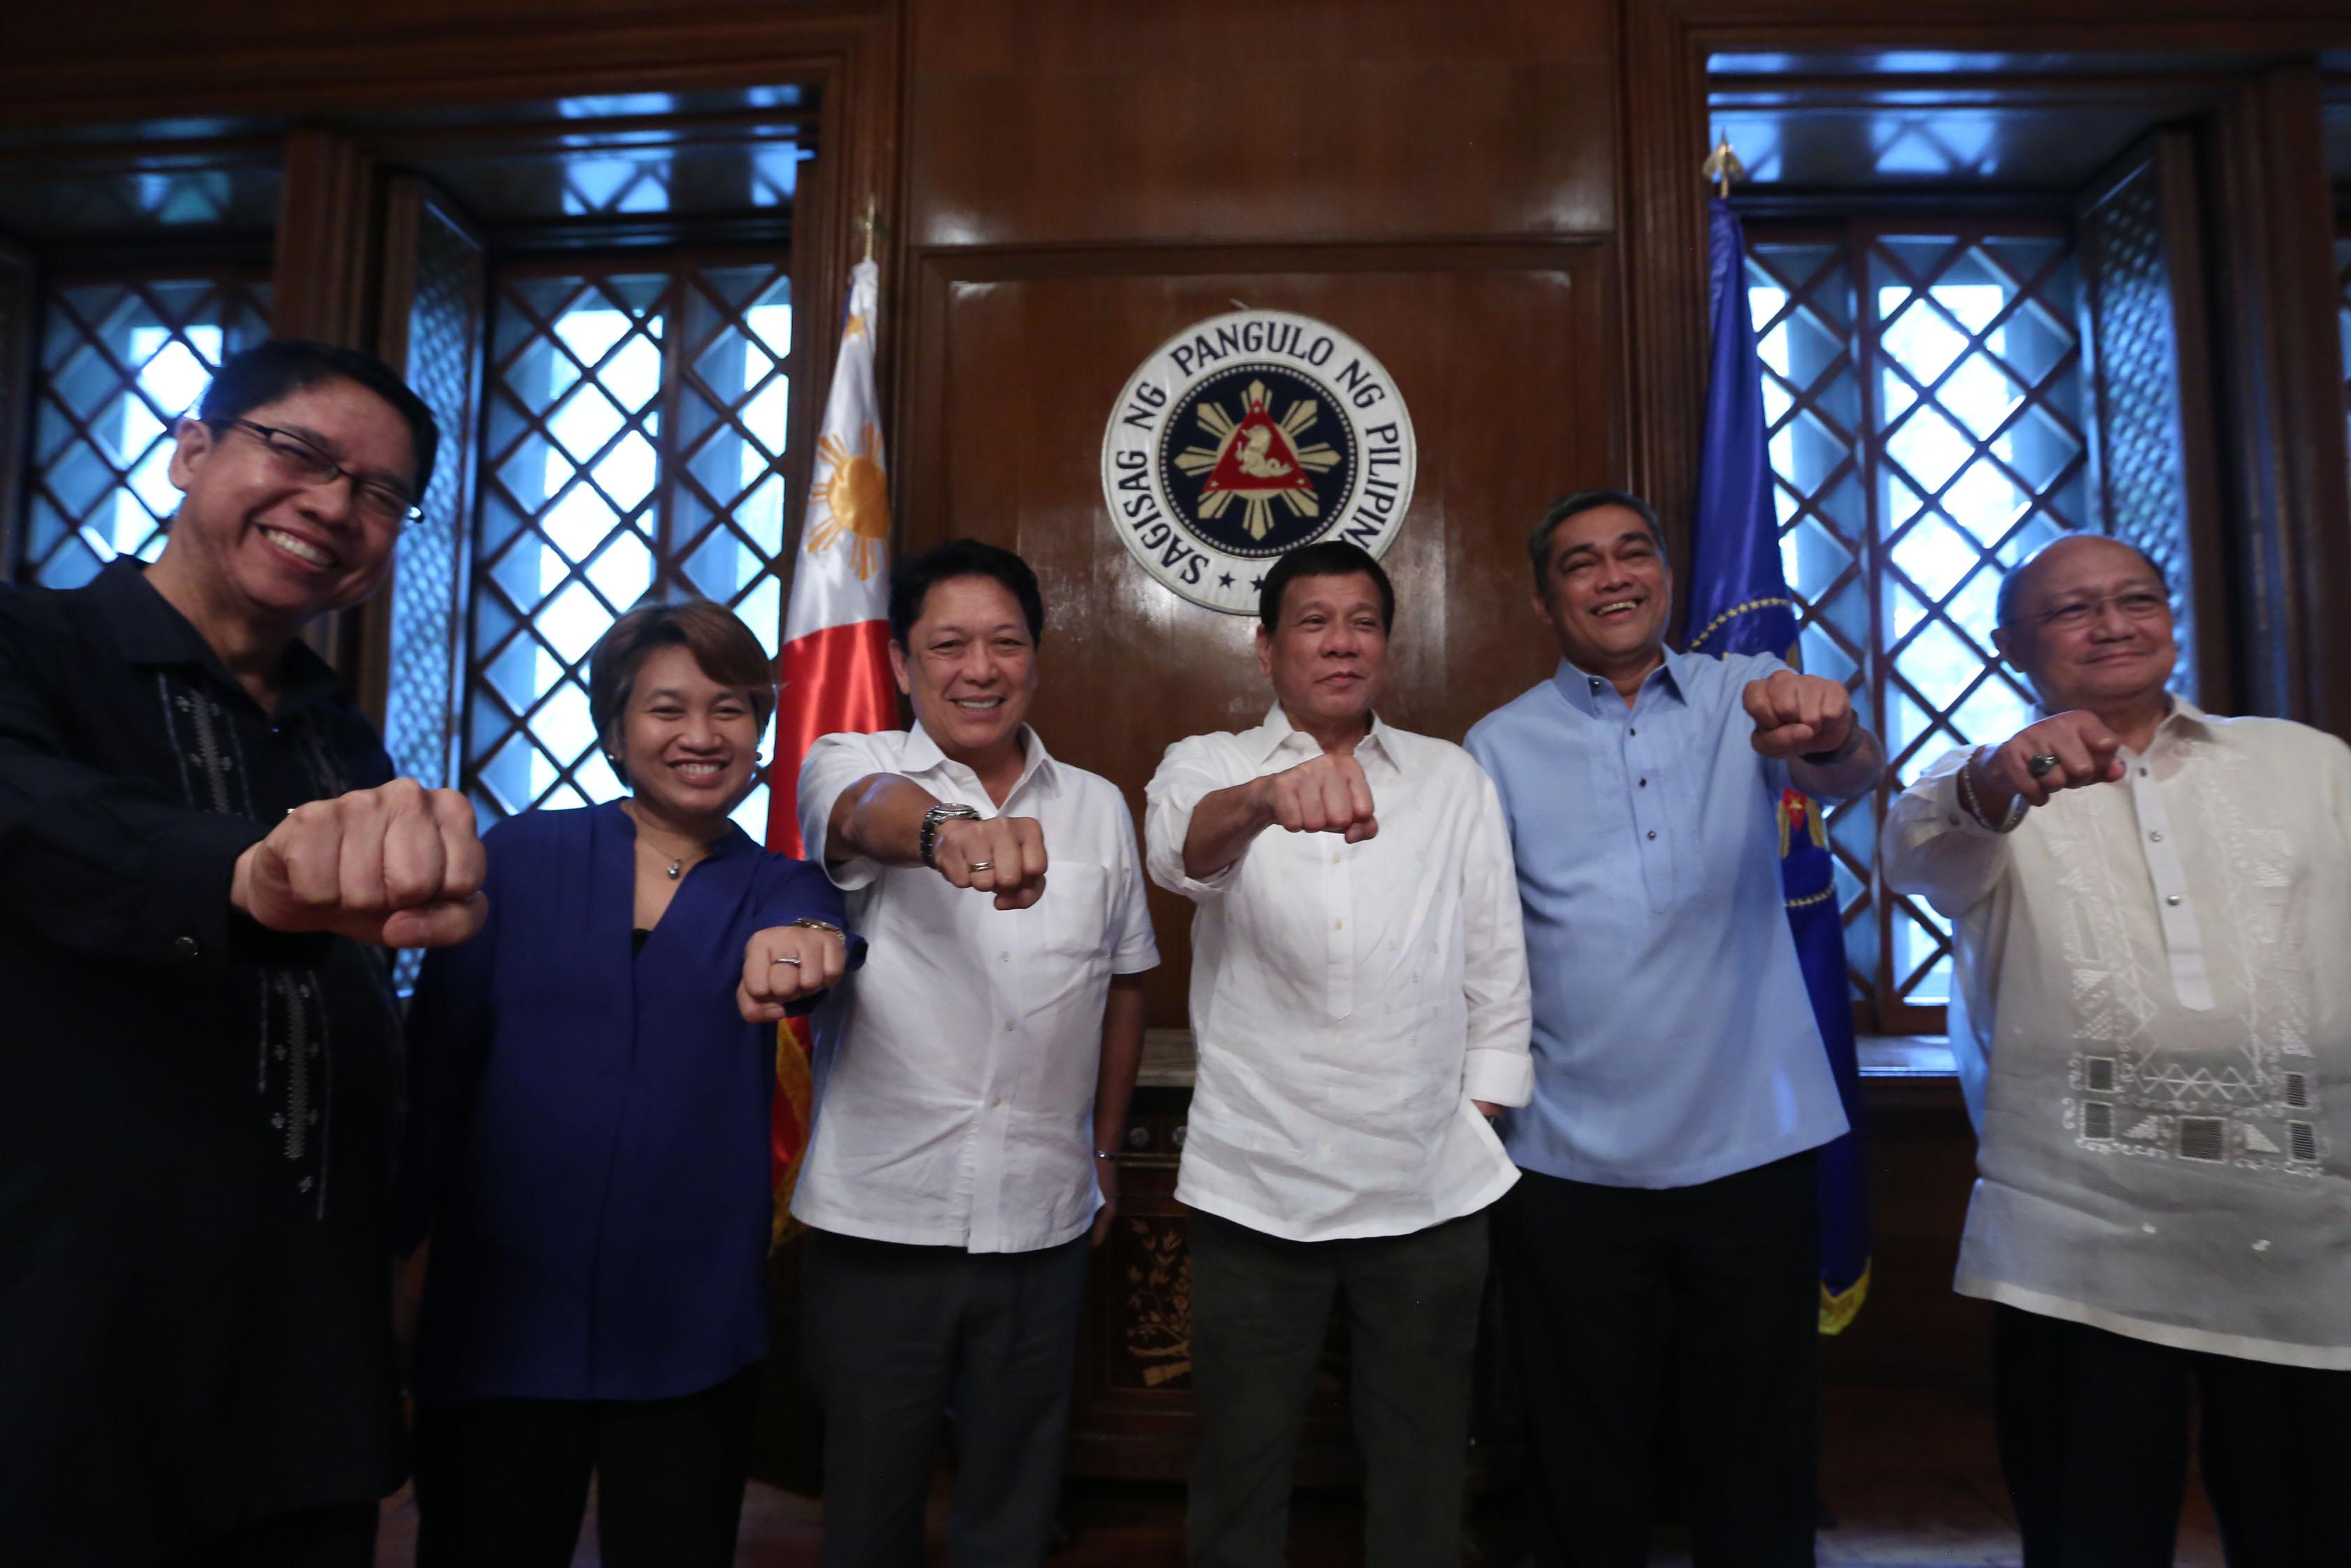 """杜特蒂政府廣納左翼人士,對左翼期待的政治改革,究竟是福是禍?(圖片來源:<a href=""""http://www.rappler.com/nation/143169-philippine-optimism-norway-peace-talks"""">Rappler</a>)"""